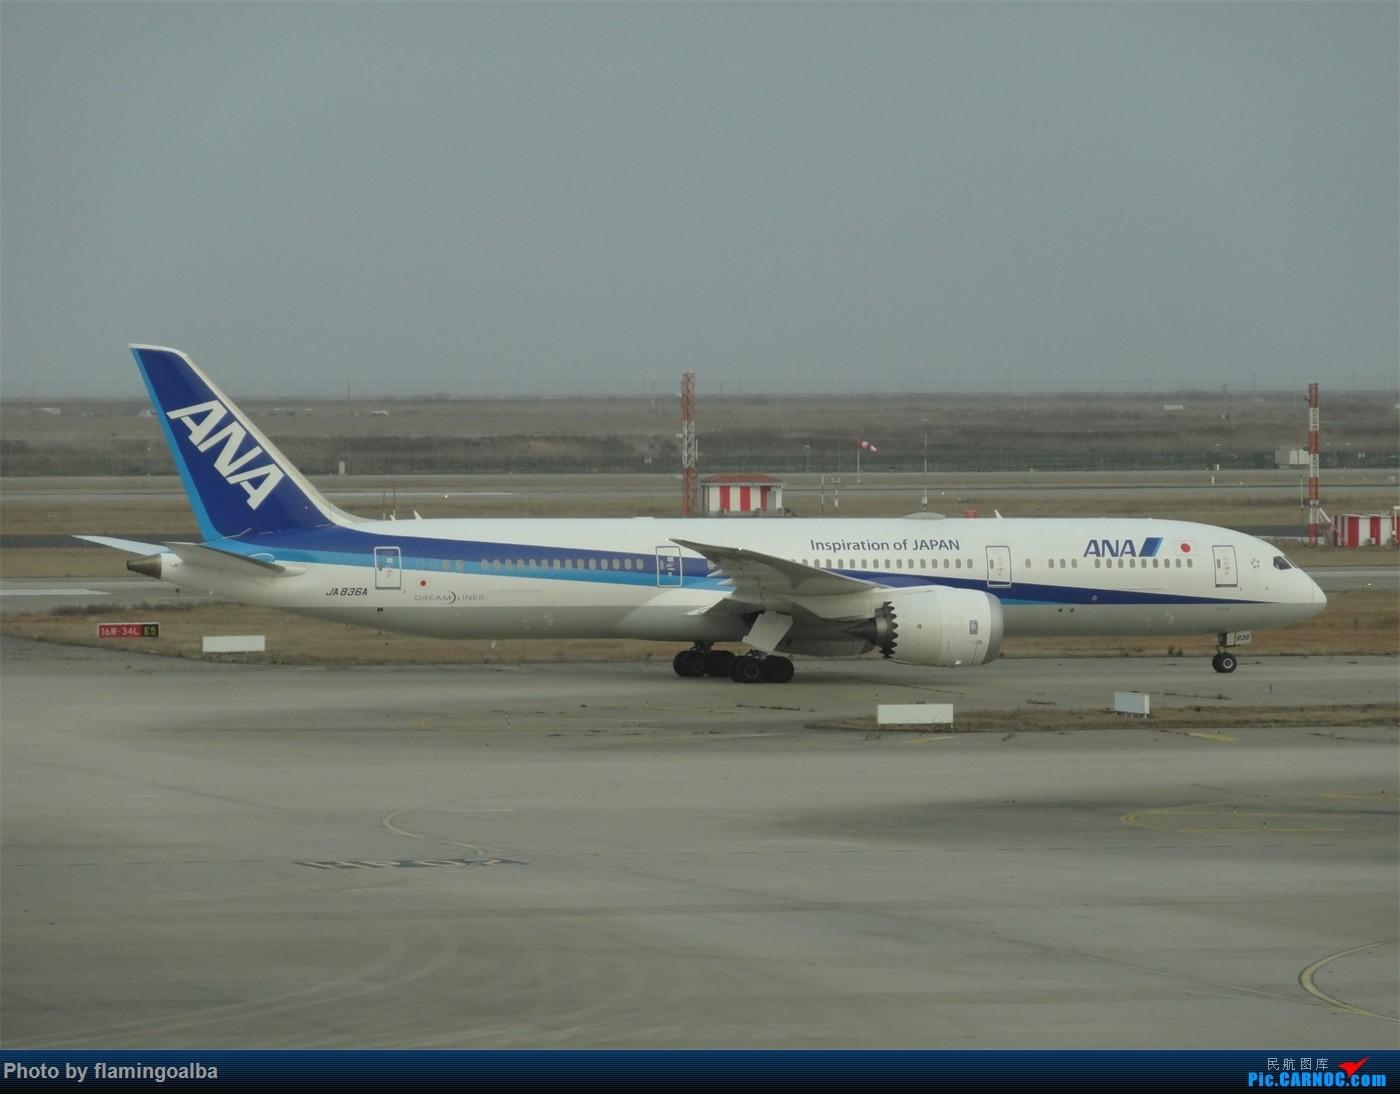 Re:[原创]浦东-达拉斯-纽瓦克-华盛顿里根-拉斯维加斯-洛杉矶-达拉斯-浦东 B787-9 JA 836A 中国上海浦东国际机场